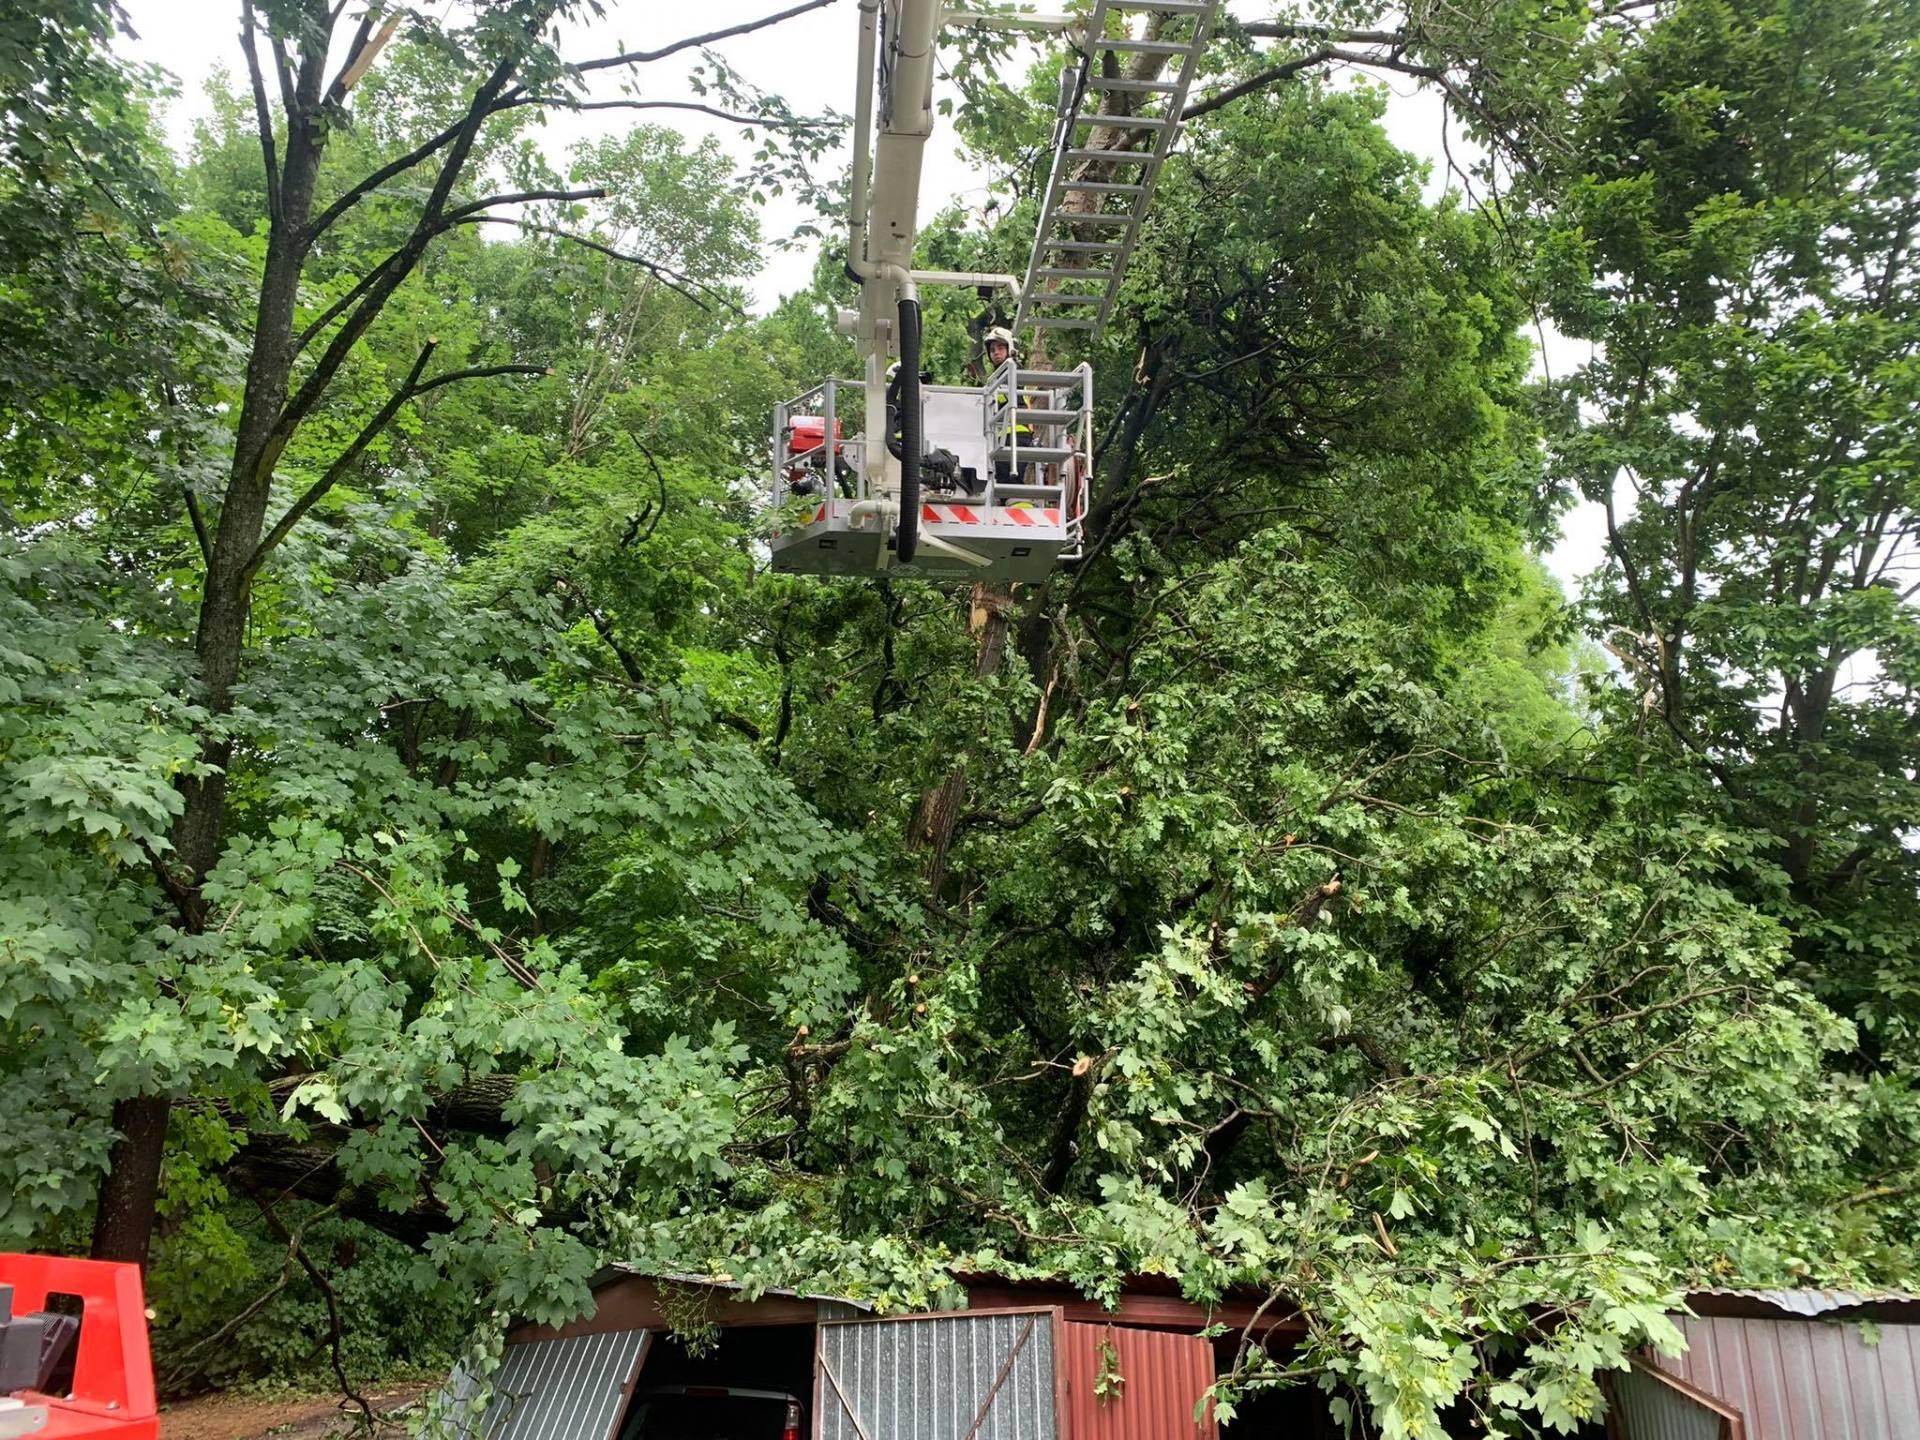 drzewo 3 Gwałtowne burze w Zamościu i regionie. 88 interwencji strażaków